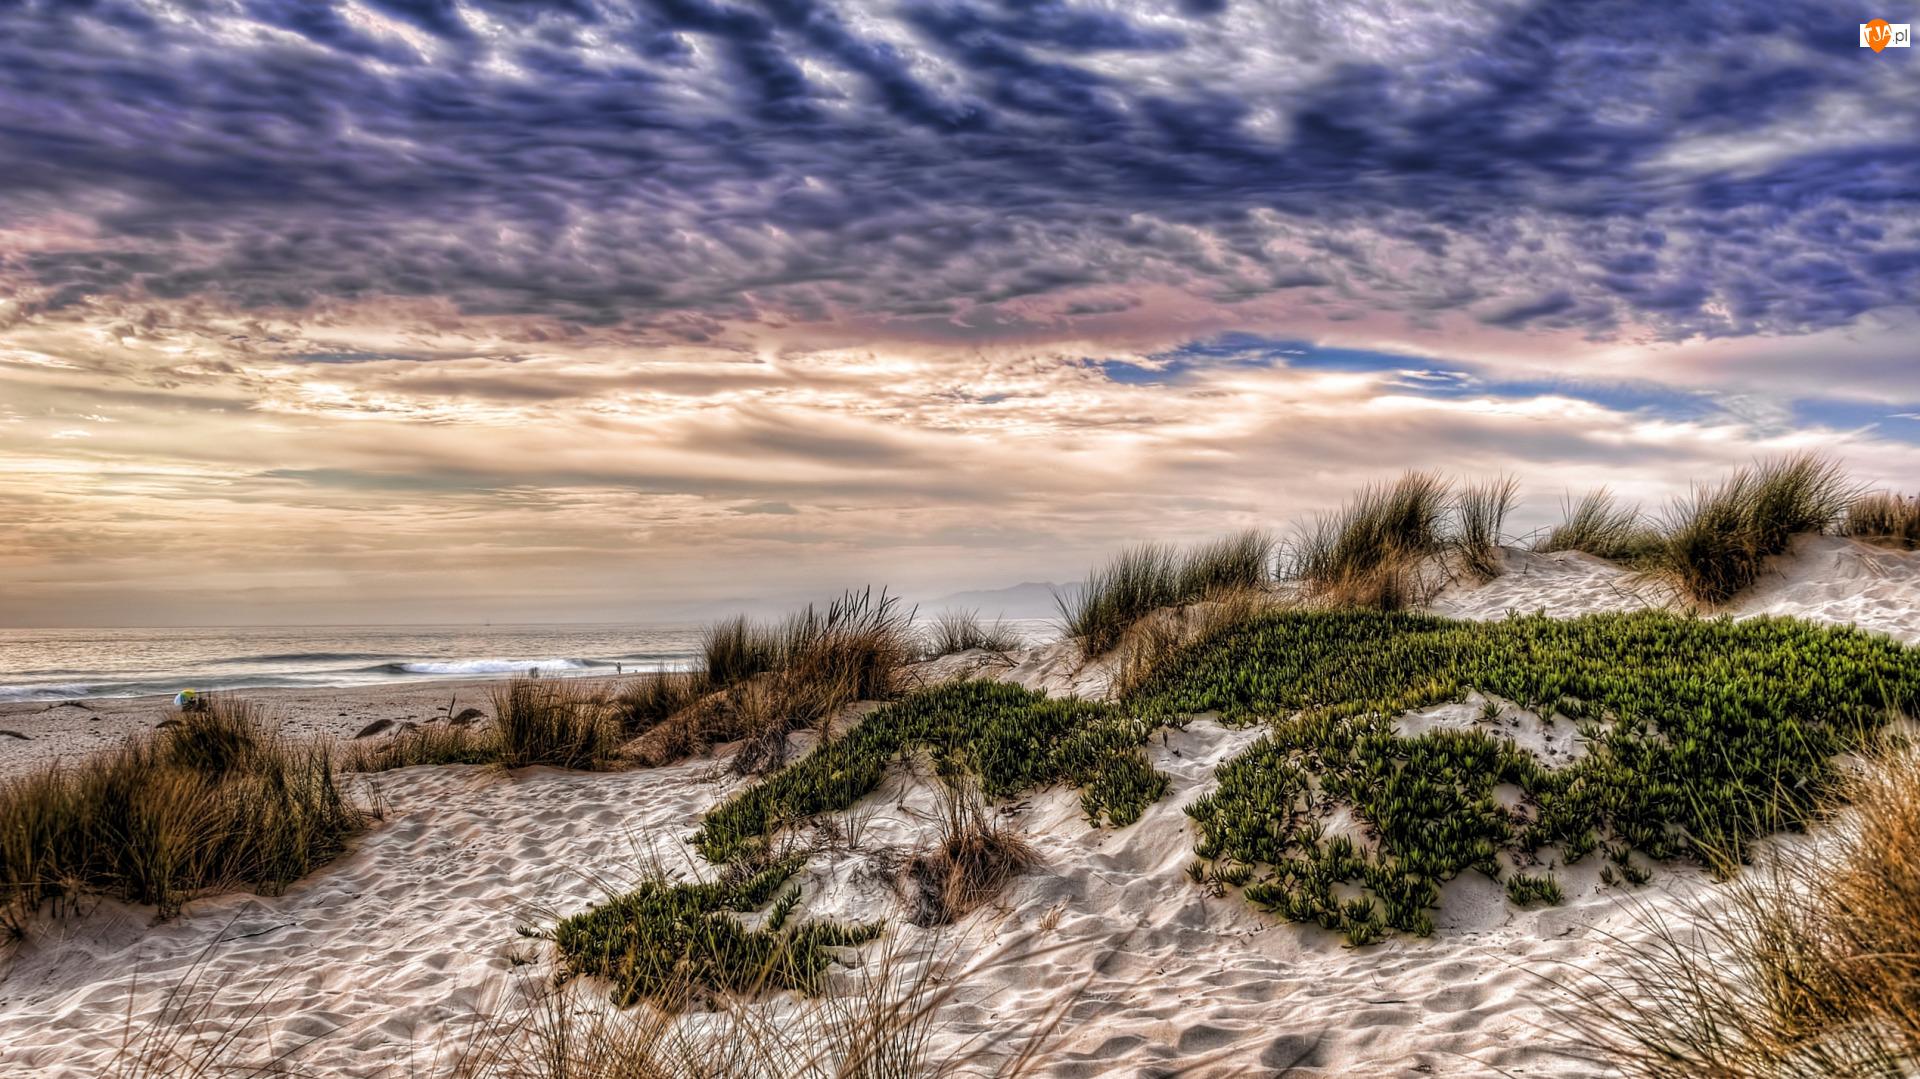 Kalifornia, Oxnard, Piasek, Stany Zjednoczone, Chmury, Morze, Plaża